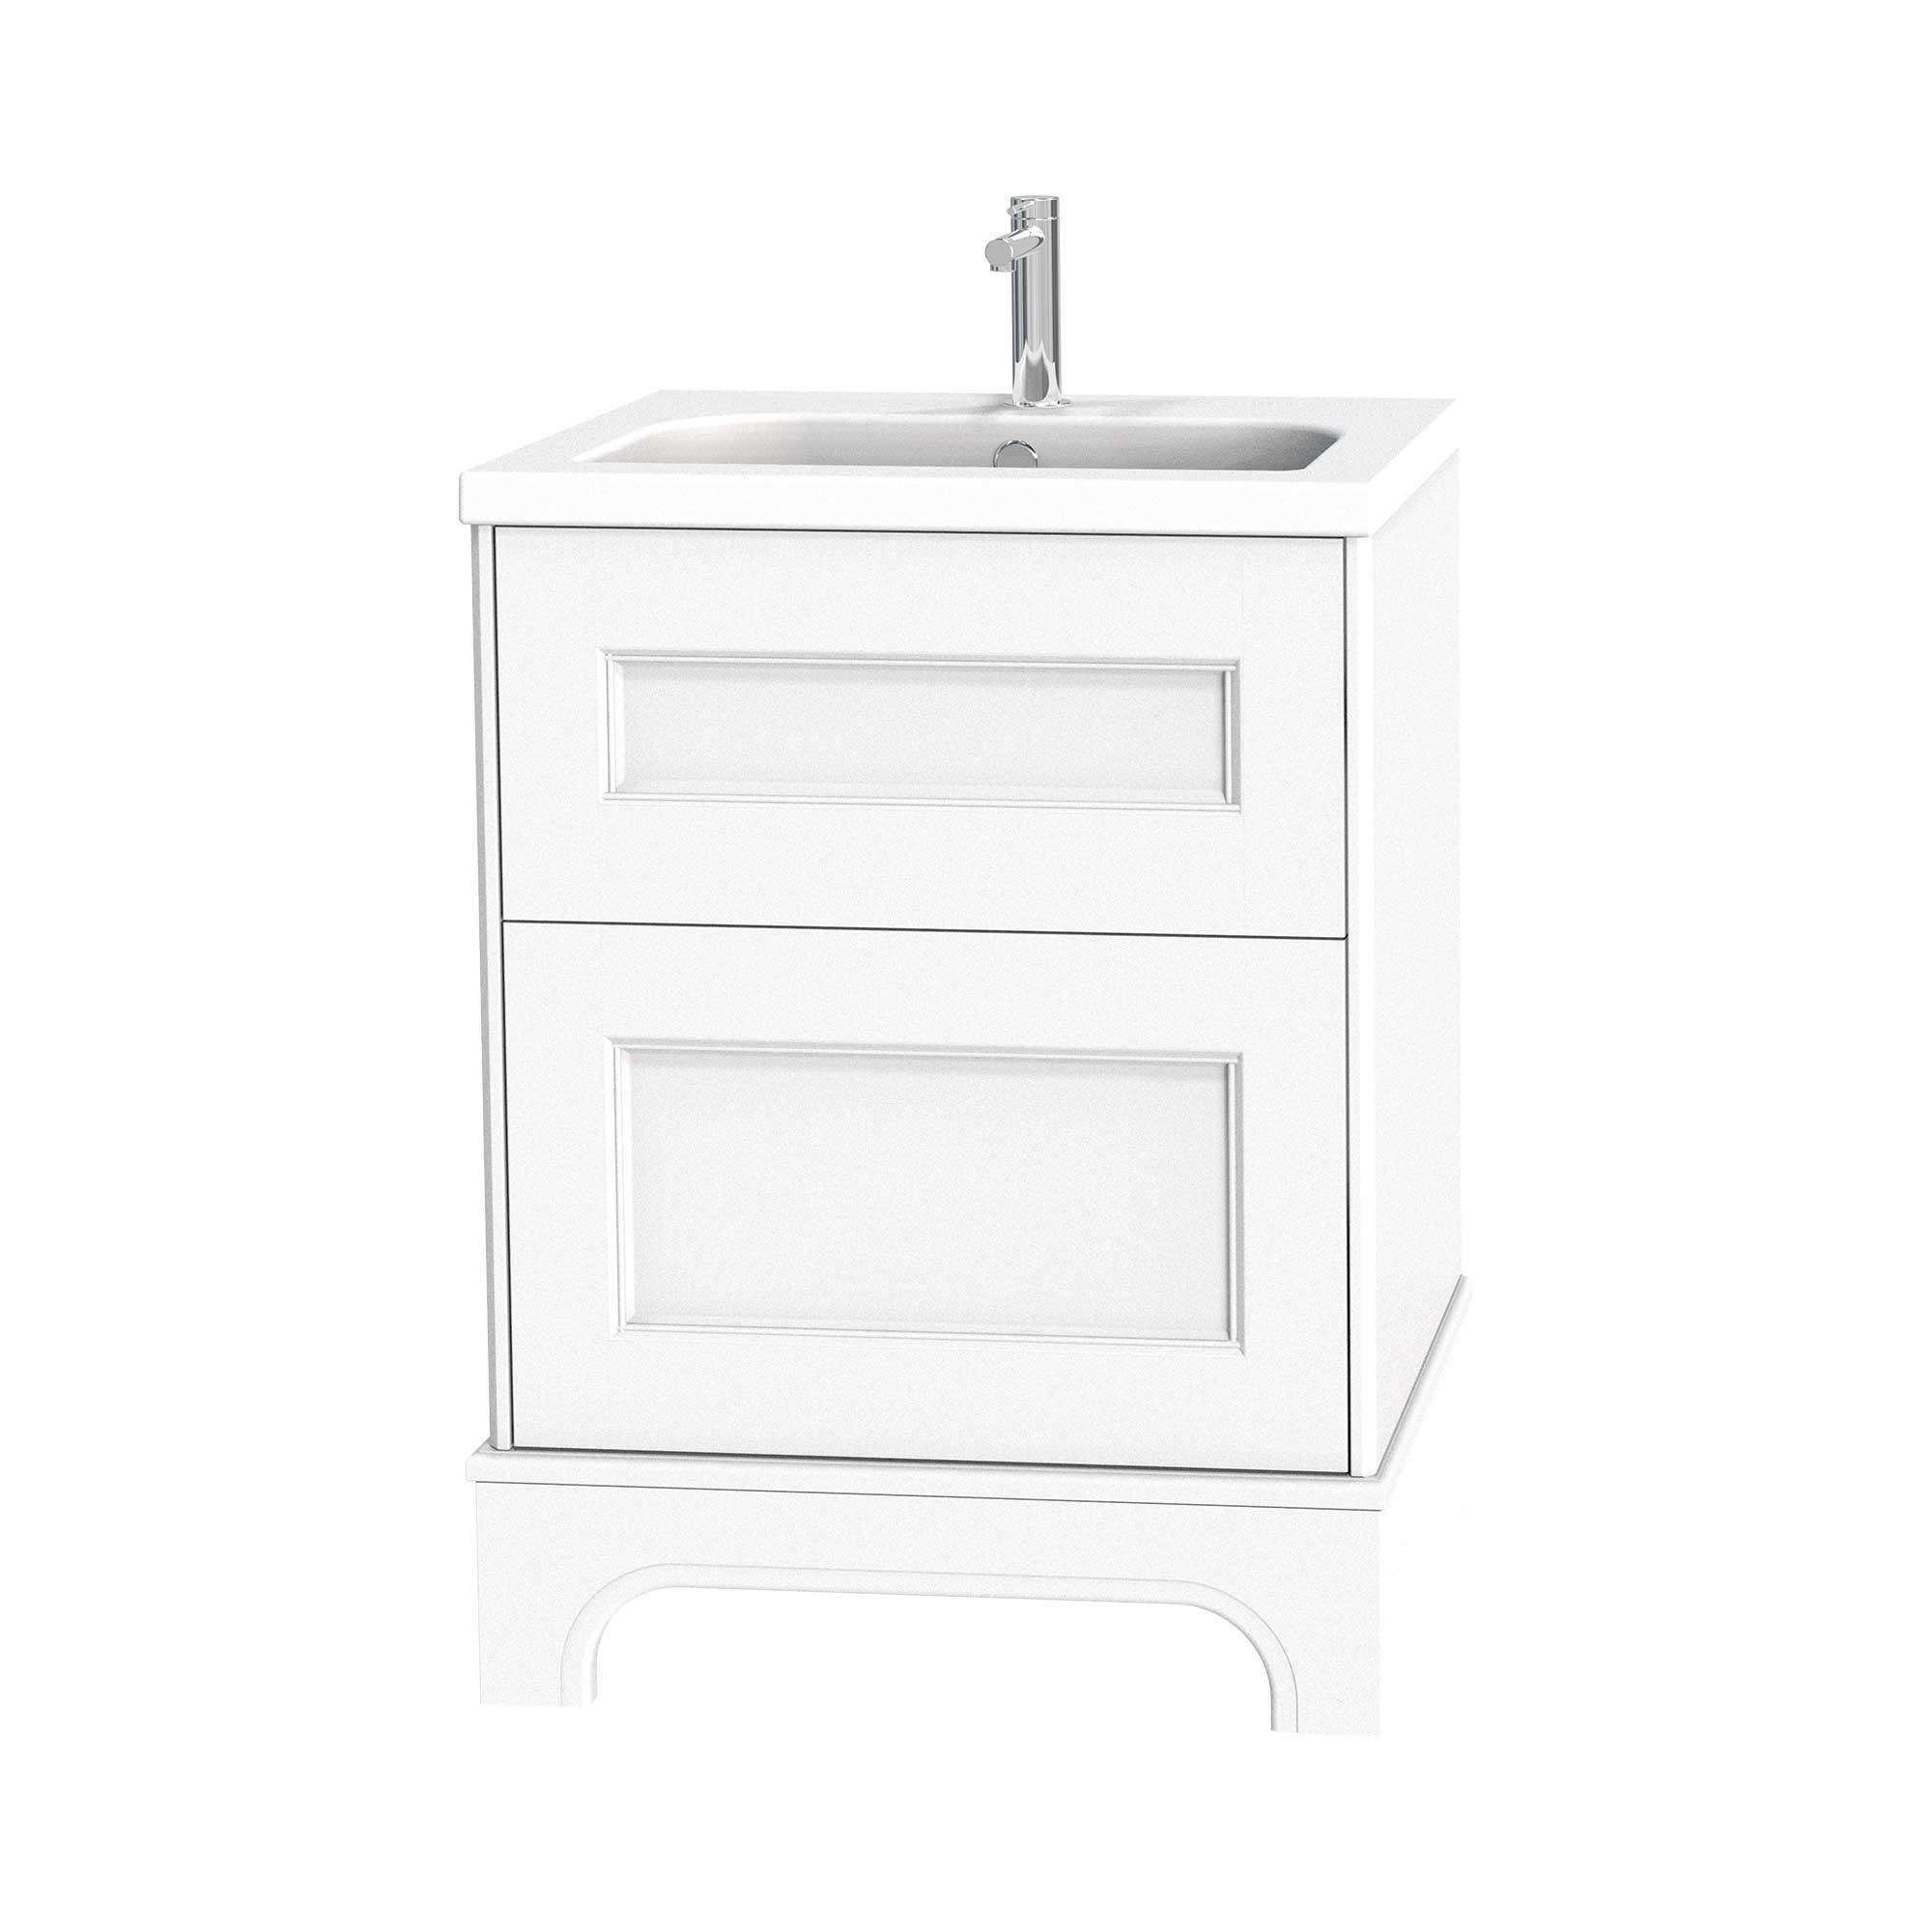 Tvättställsskåp Miller Badrum Kensington 60 med Lådor med Sockel för Heltäckande Tvättställ